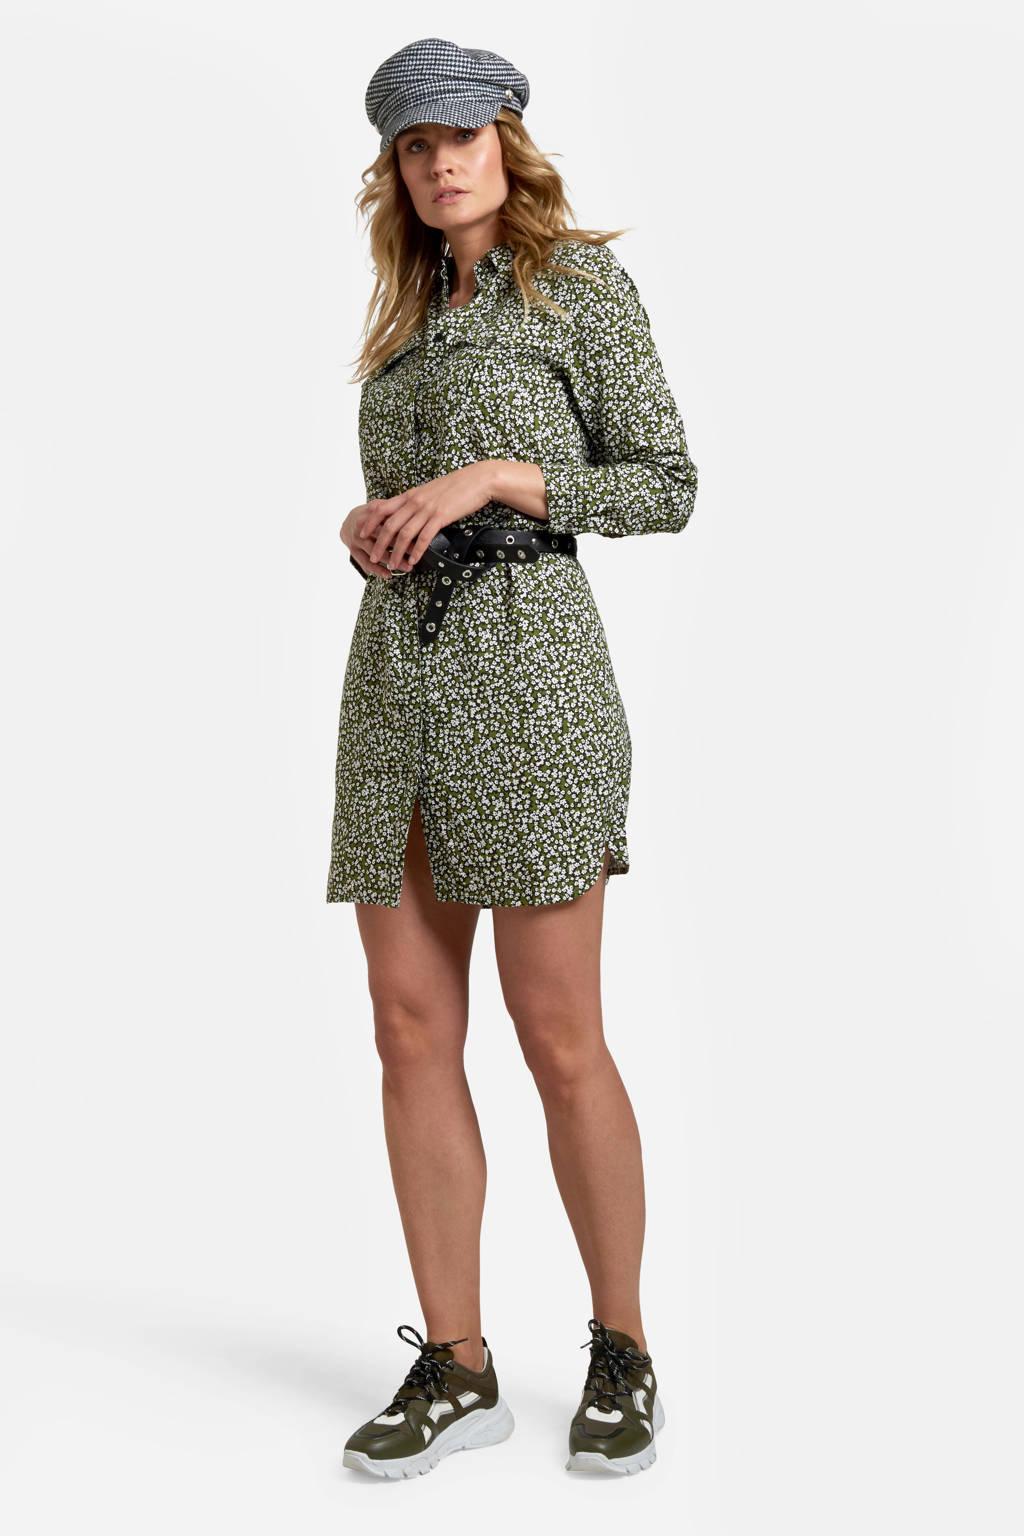 Eksept by Shoeby jurk met all over print antraciet, Antraciet